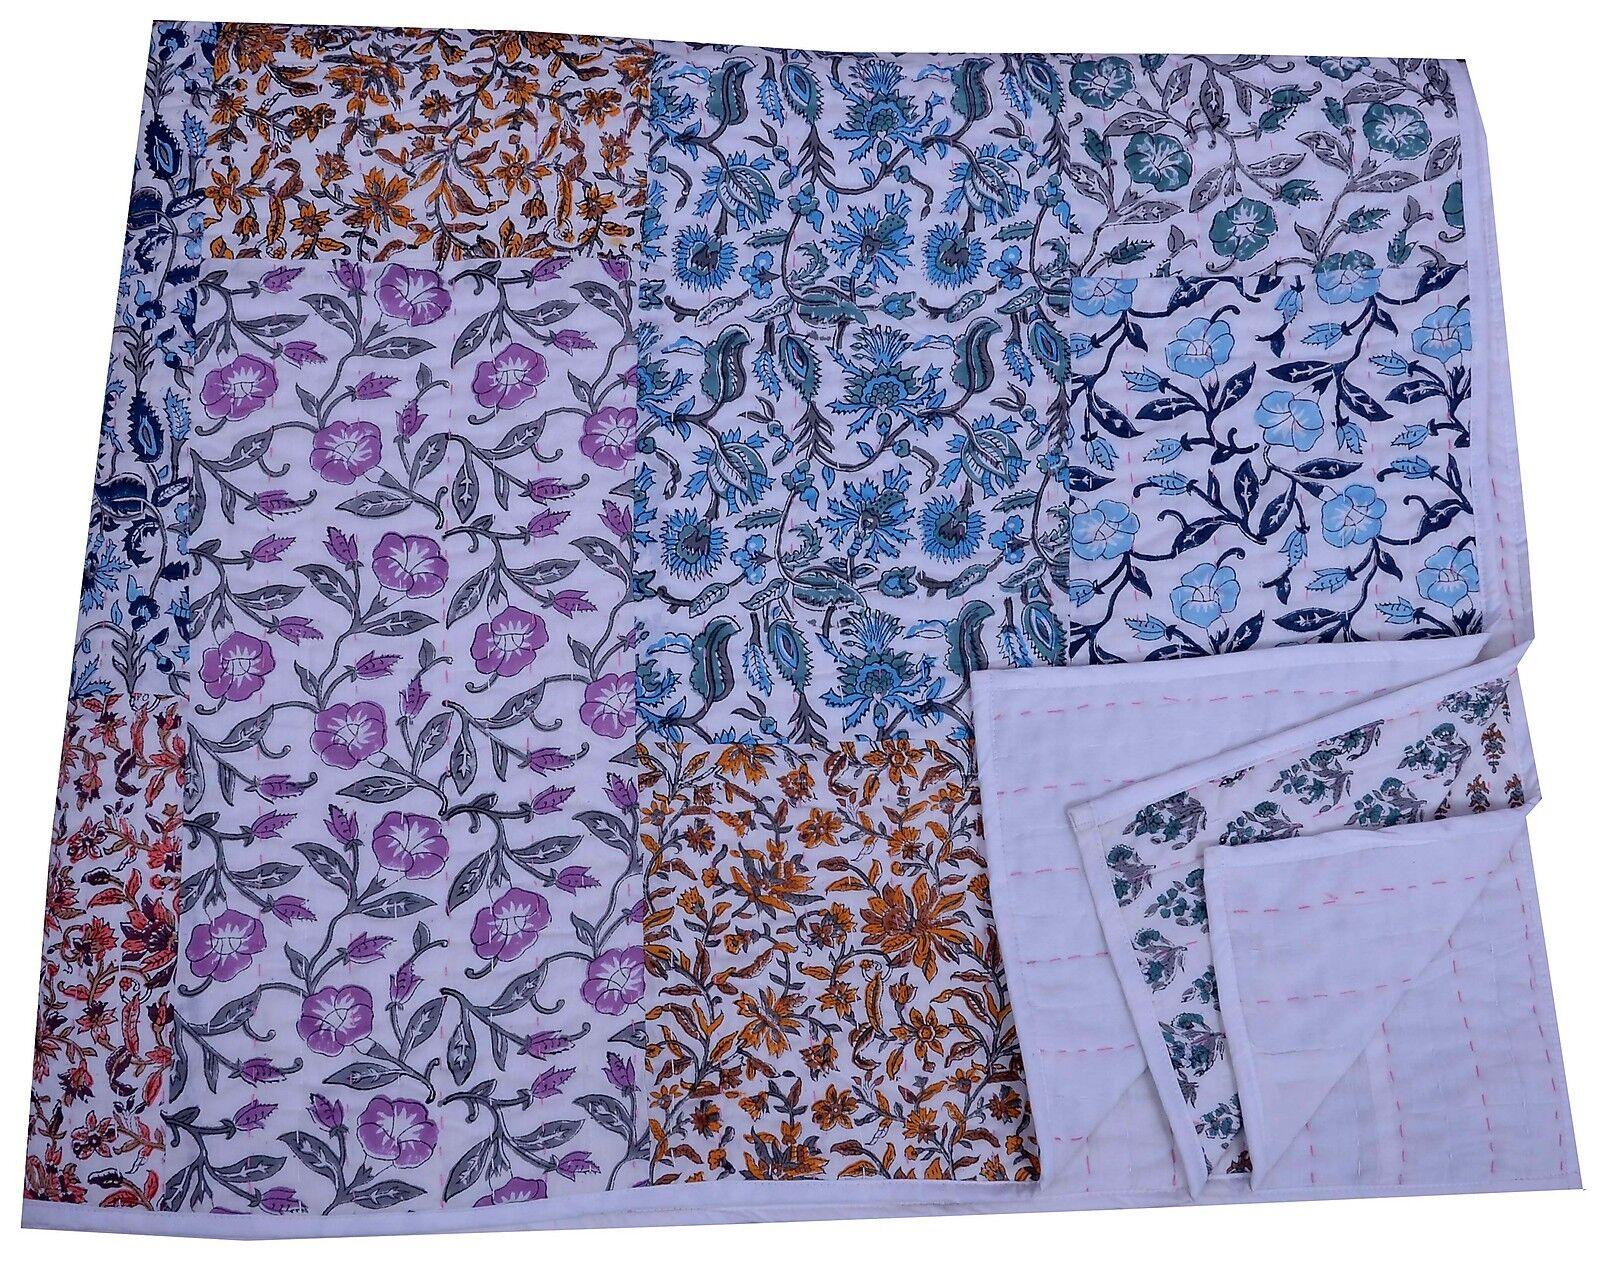 Indian Kantha Patchwork Floral Drucken Jaipur Razai Cotton Bettspread Reversible